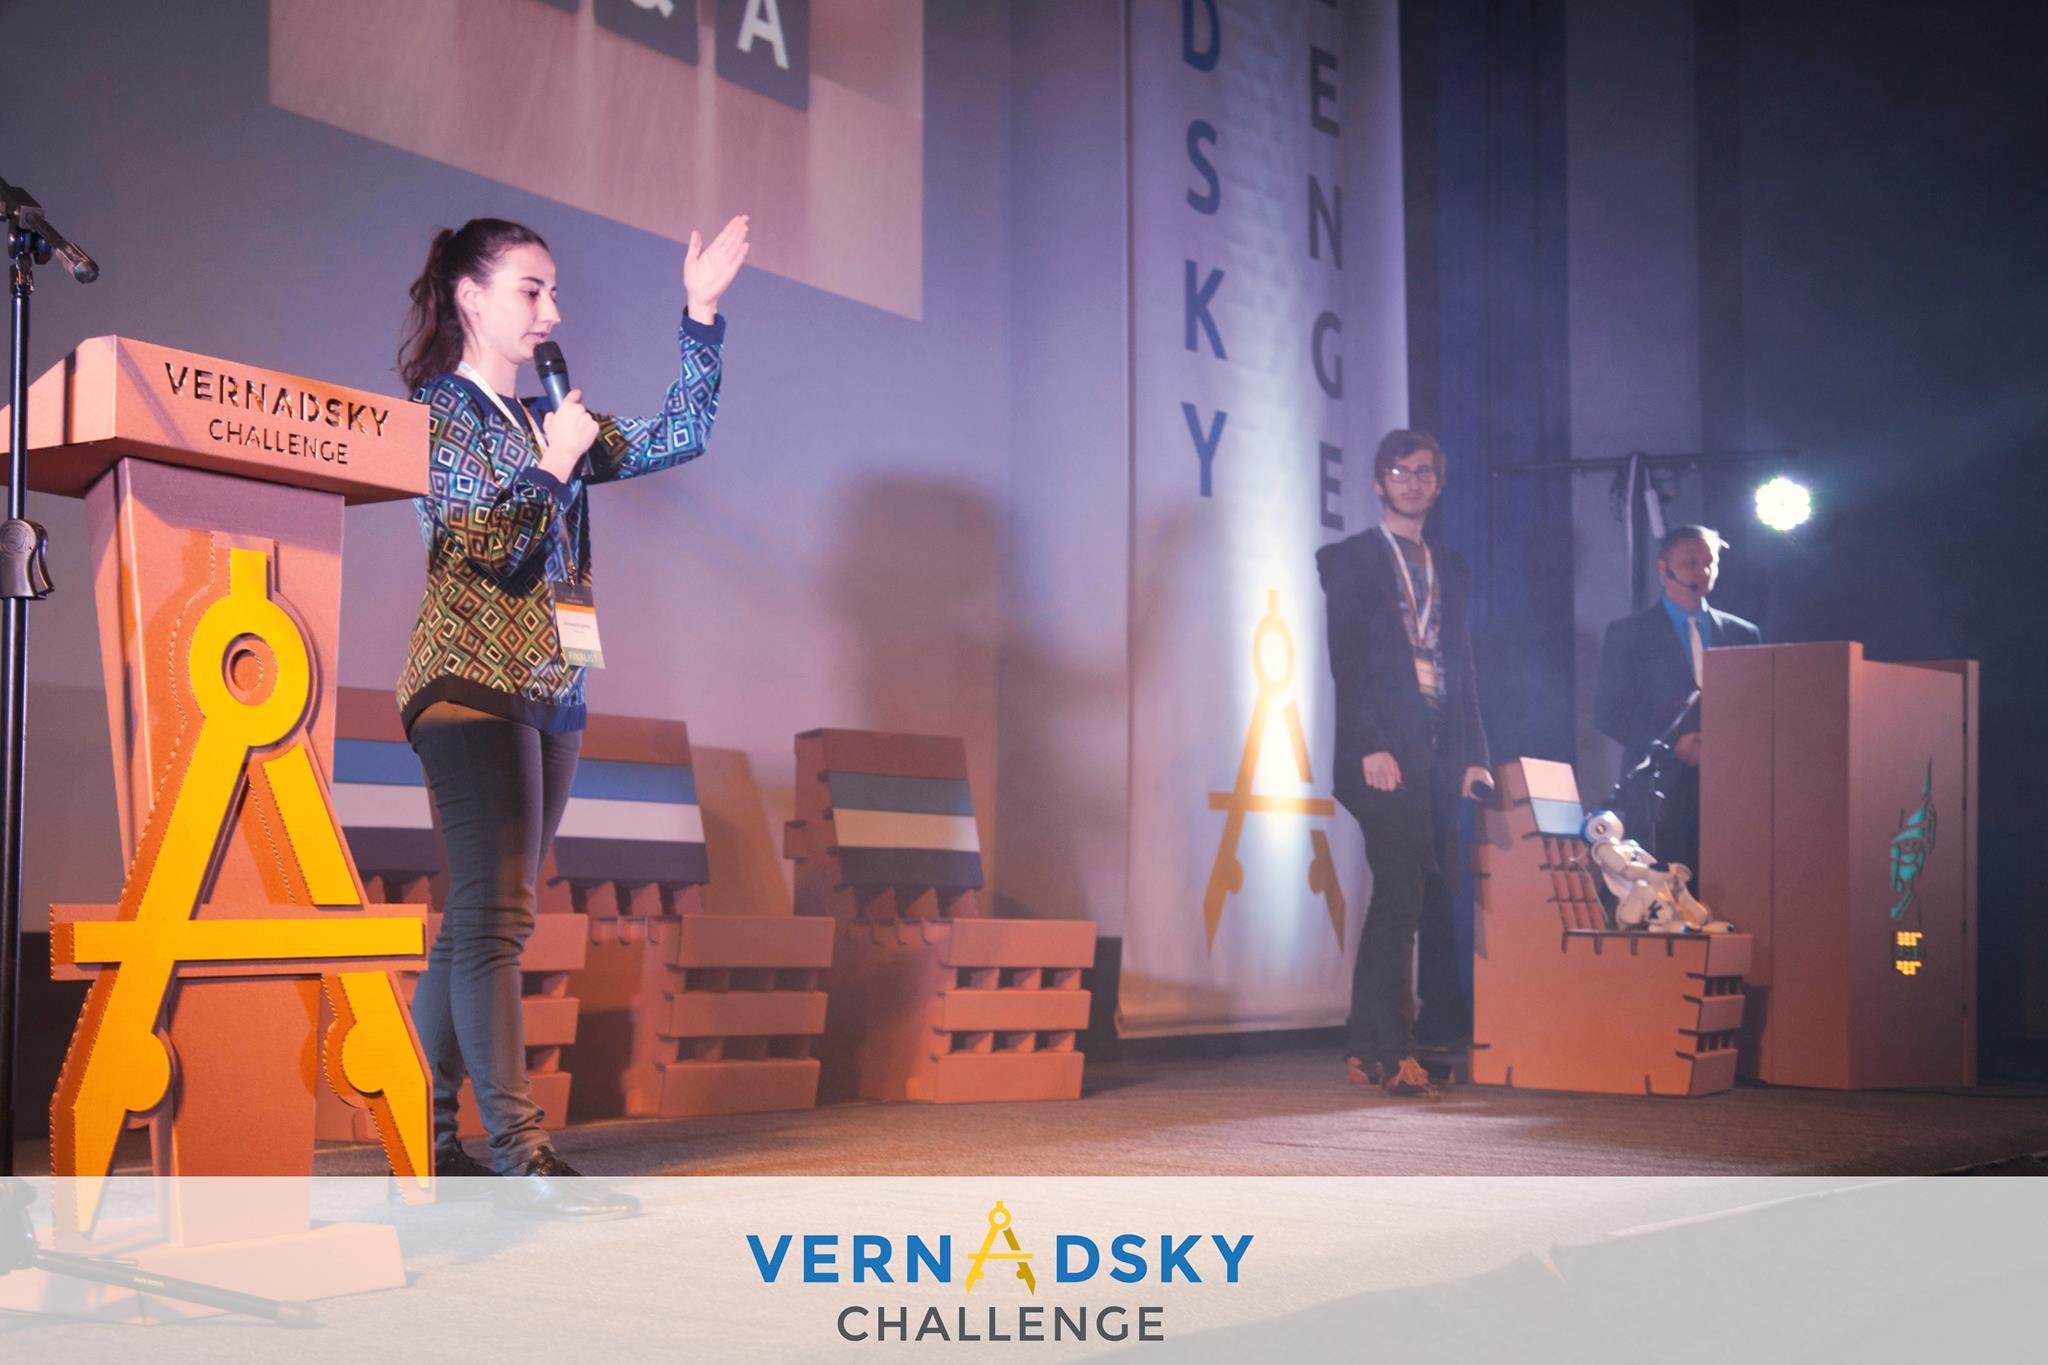 Макс Поляков и конкурс Vernadsky Challenge: проекты победителей фестиваля